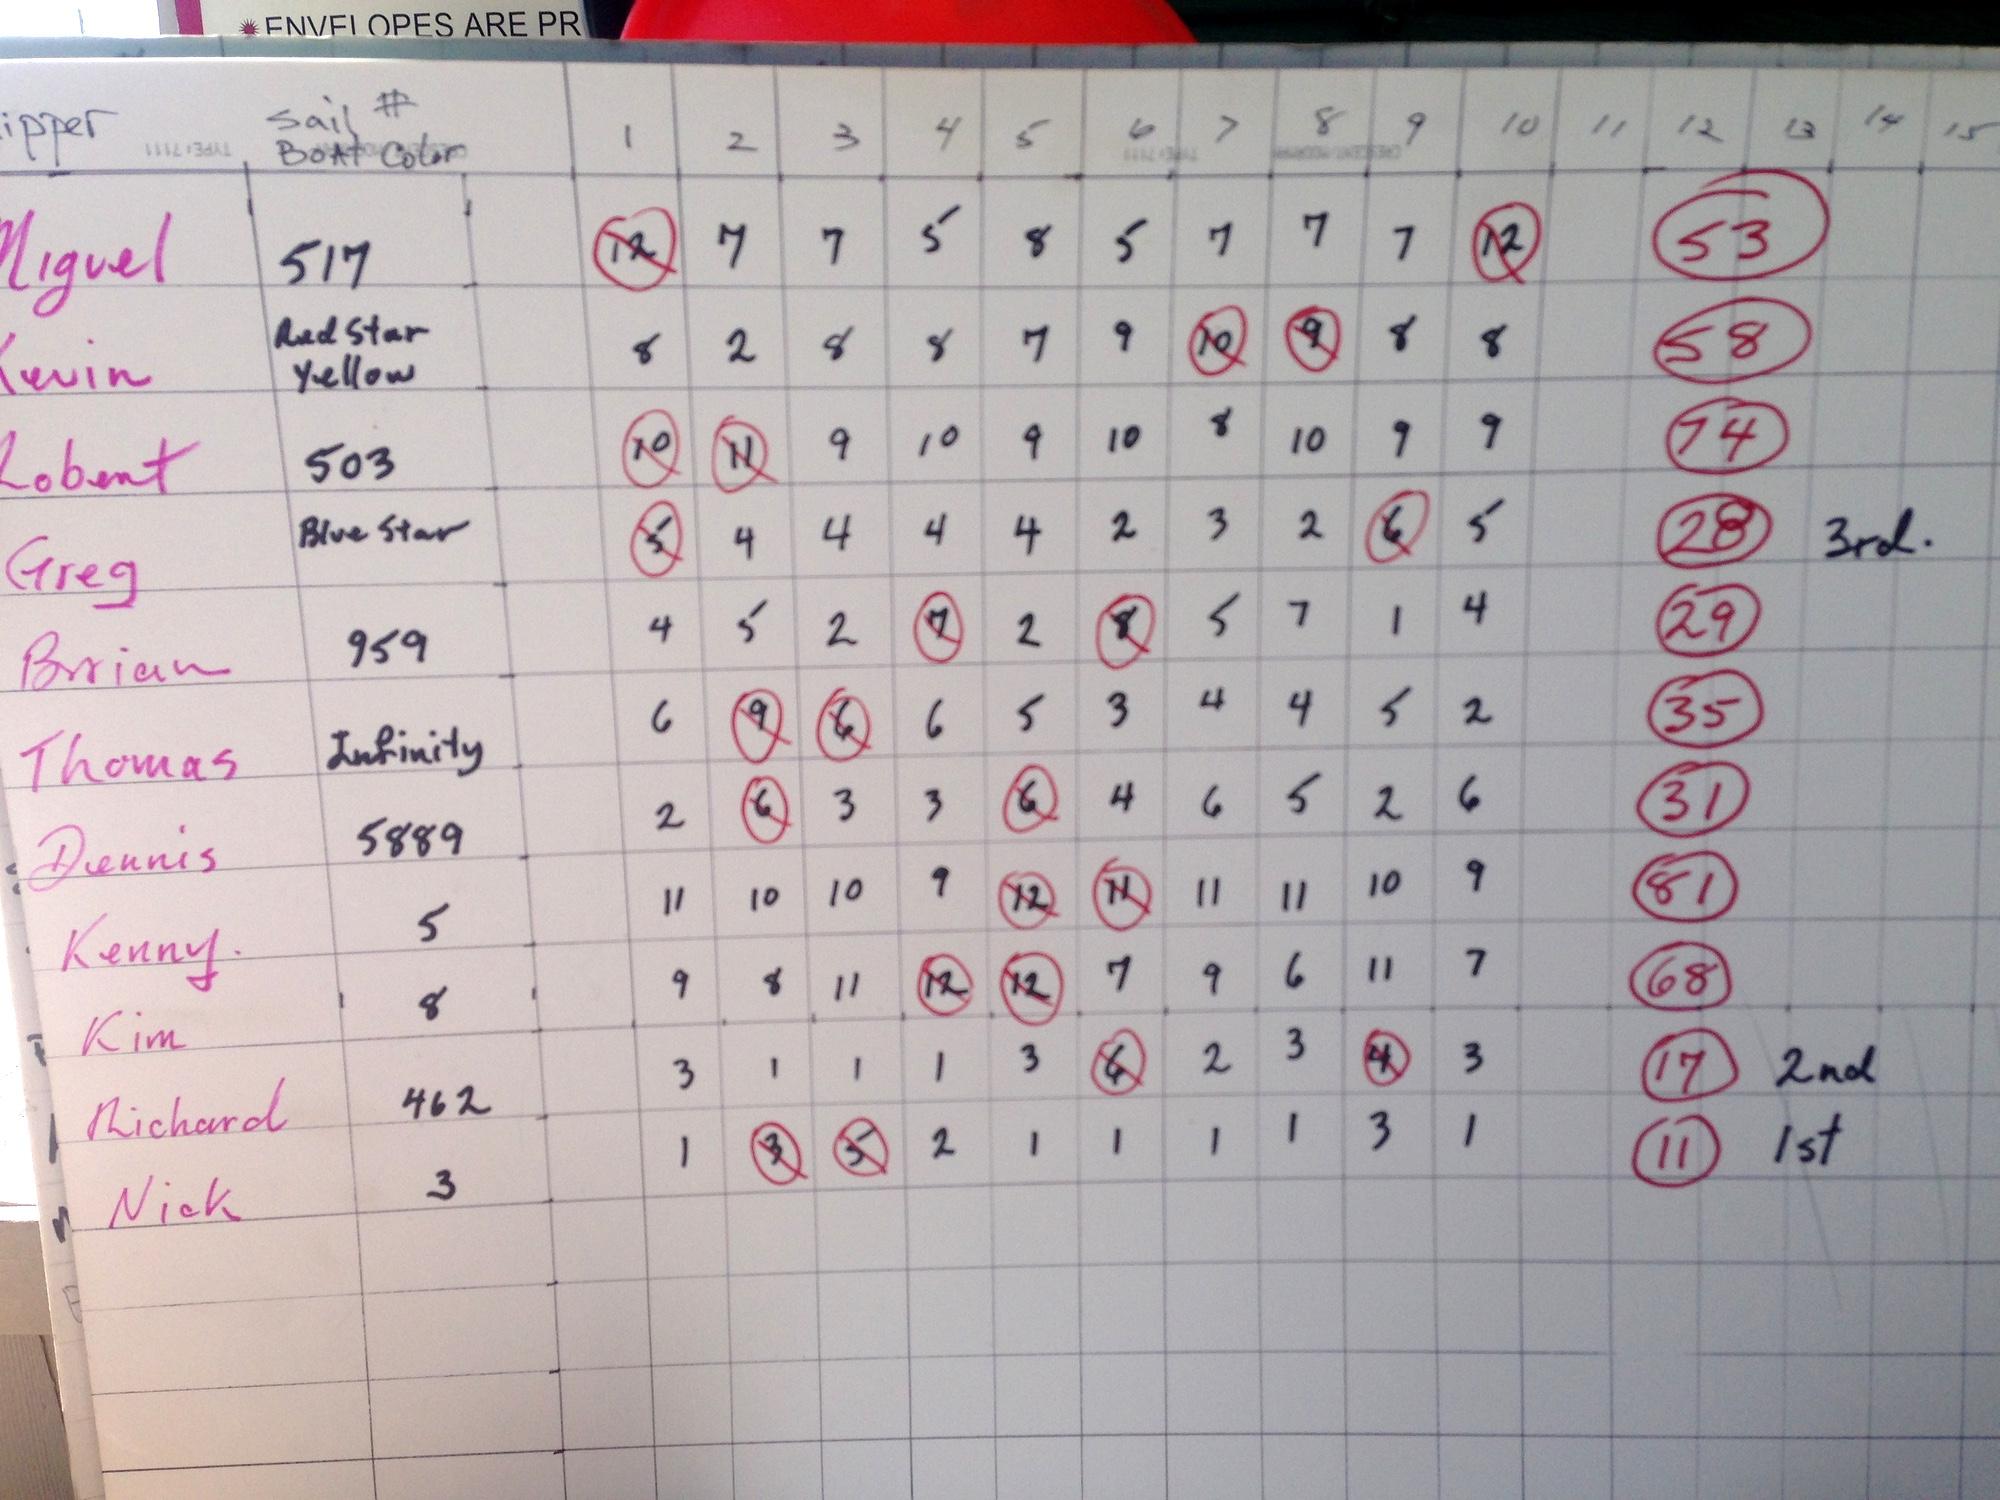 Score Card for the 2018 Regatta